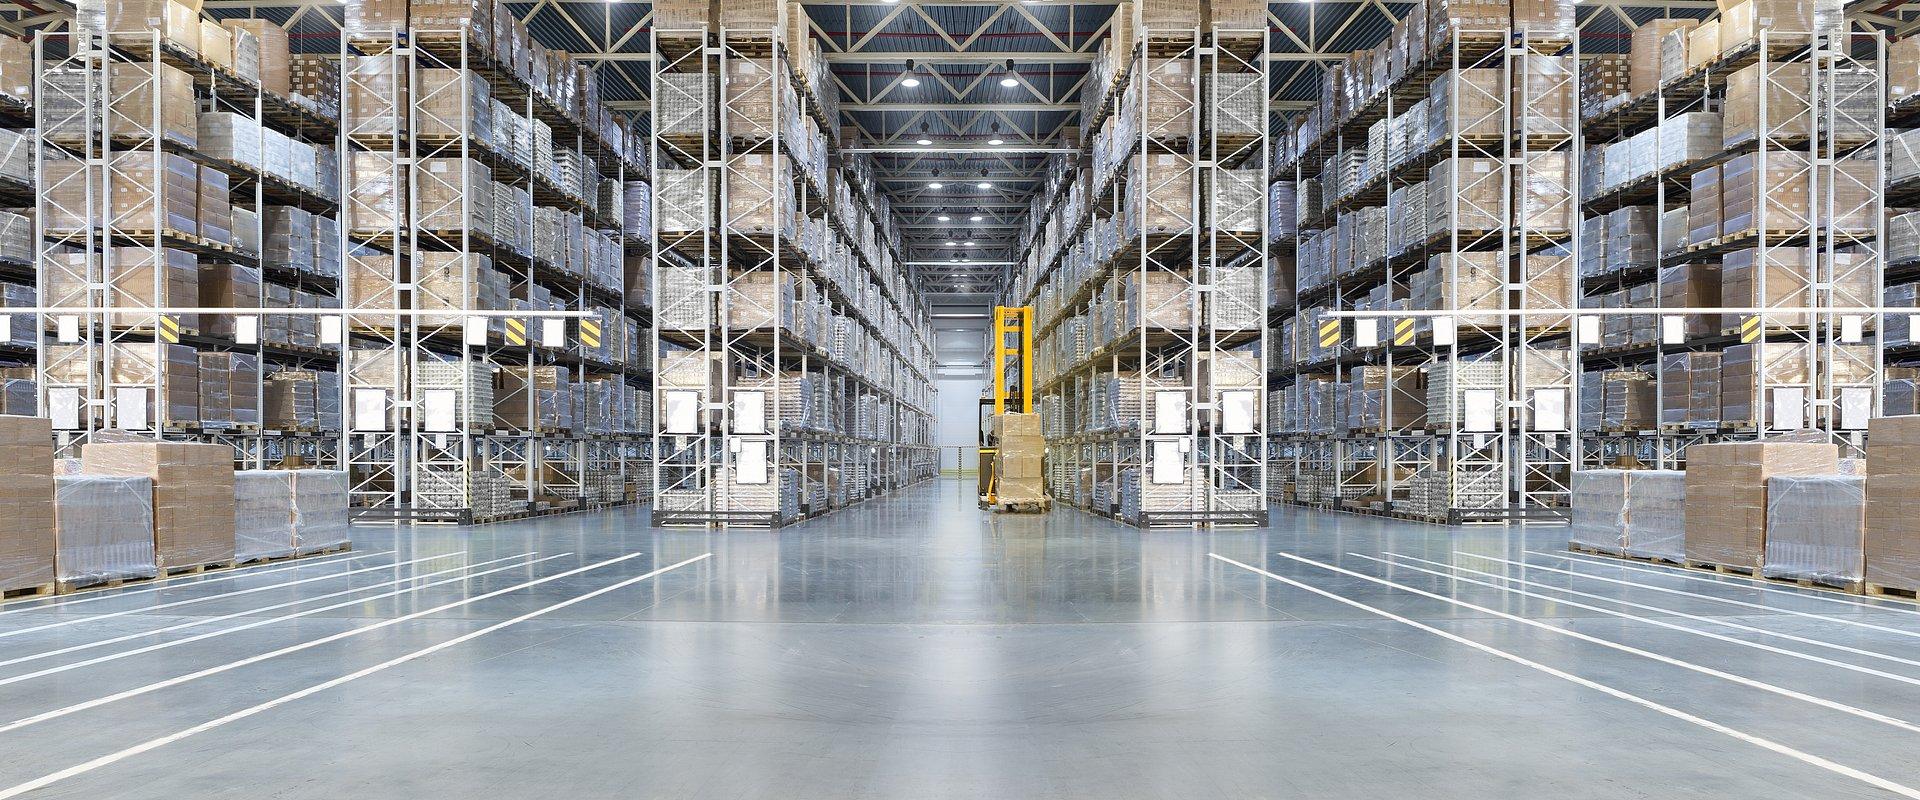 Więcej metrów dla M.W. Logistics w Słubicach